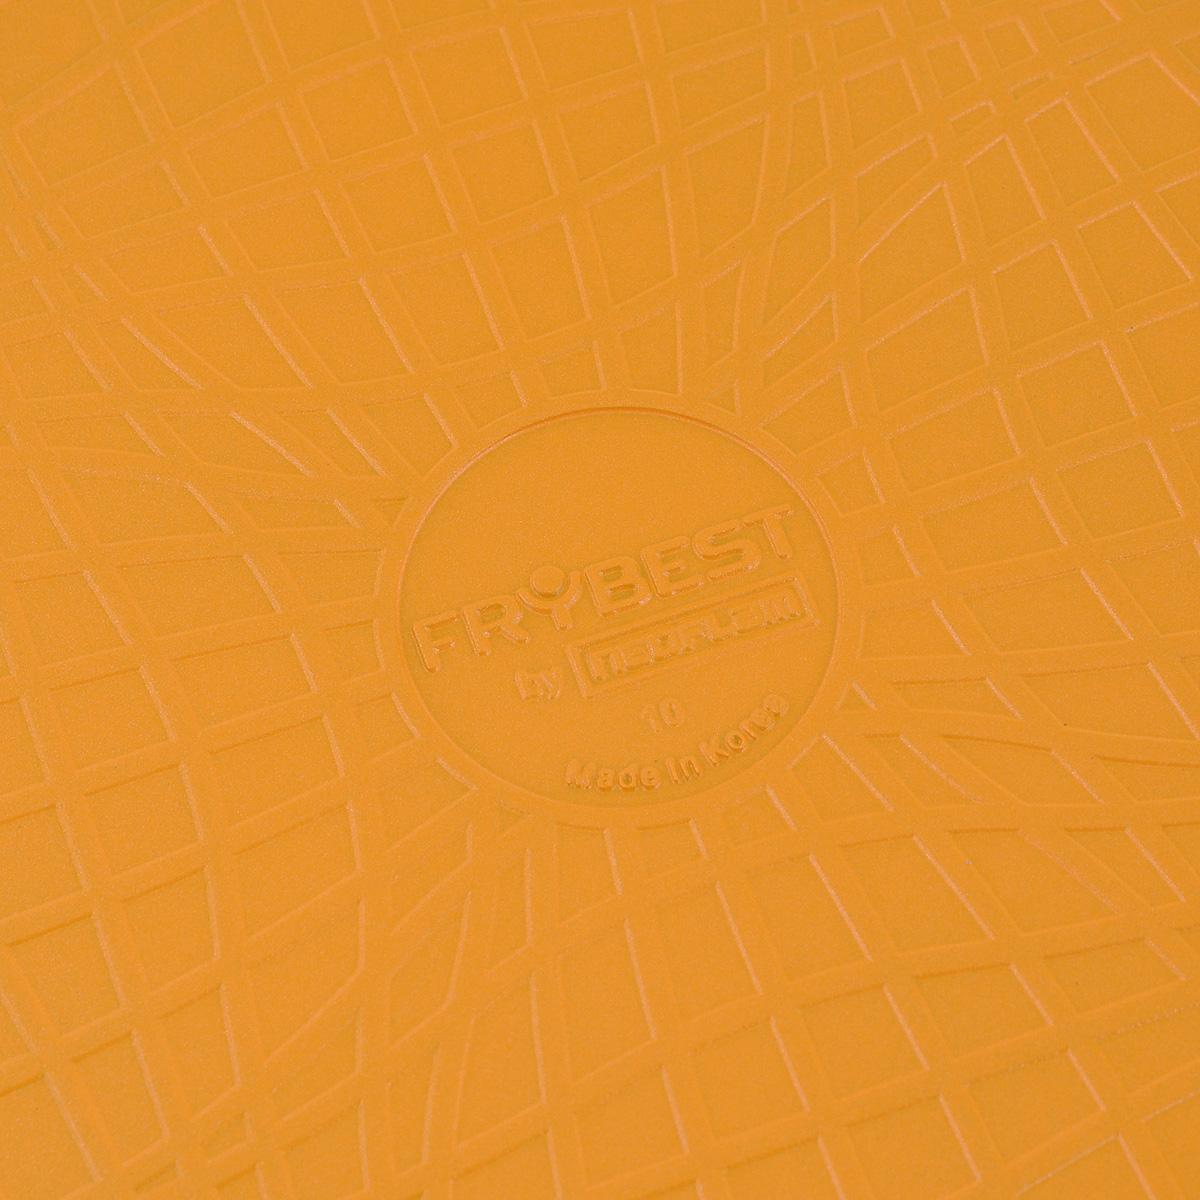 """Сковорода Frybest """"Rainbow"""" изготовлена по новейшей технологии из литого алюминия с  керамическим антипригарным покрытием Ecolon, в производстве которого  используются природные материалы безопасные для здоровья. Благодаря  специальному утолщенному дну сковорода равномерно распределяет тепло.   Непревзойденная прочность сковороды и устойчивость к царапинам позволяет  использовать металлические аксессуары при приготовлении пищи, а  эргономичная удлиненная ручка с силиконовым покрытием soft-touch имеет  оригинальное технологическое крепление к телу сковороды и всегда остается  холодной.  Изделие можно использовать на газовых, электрических и керамических плитах.  Не подходит для индукционных плит. Можно мыть в посудомоечной машине.  Диаметр (по верхнему краю): 26 см.  Высота стенки: 5,5 см.  Длина ручки: 21 см.  Толщина стенок: 3 мм. Толщина дна: 4 мм."""